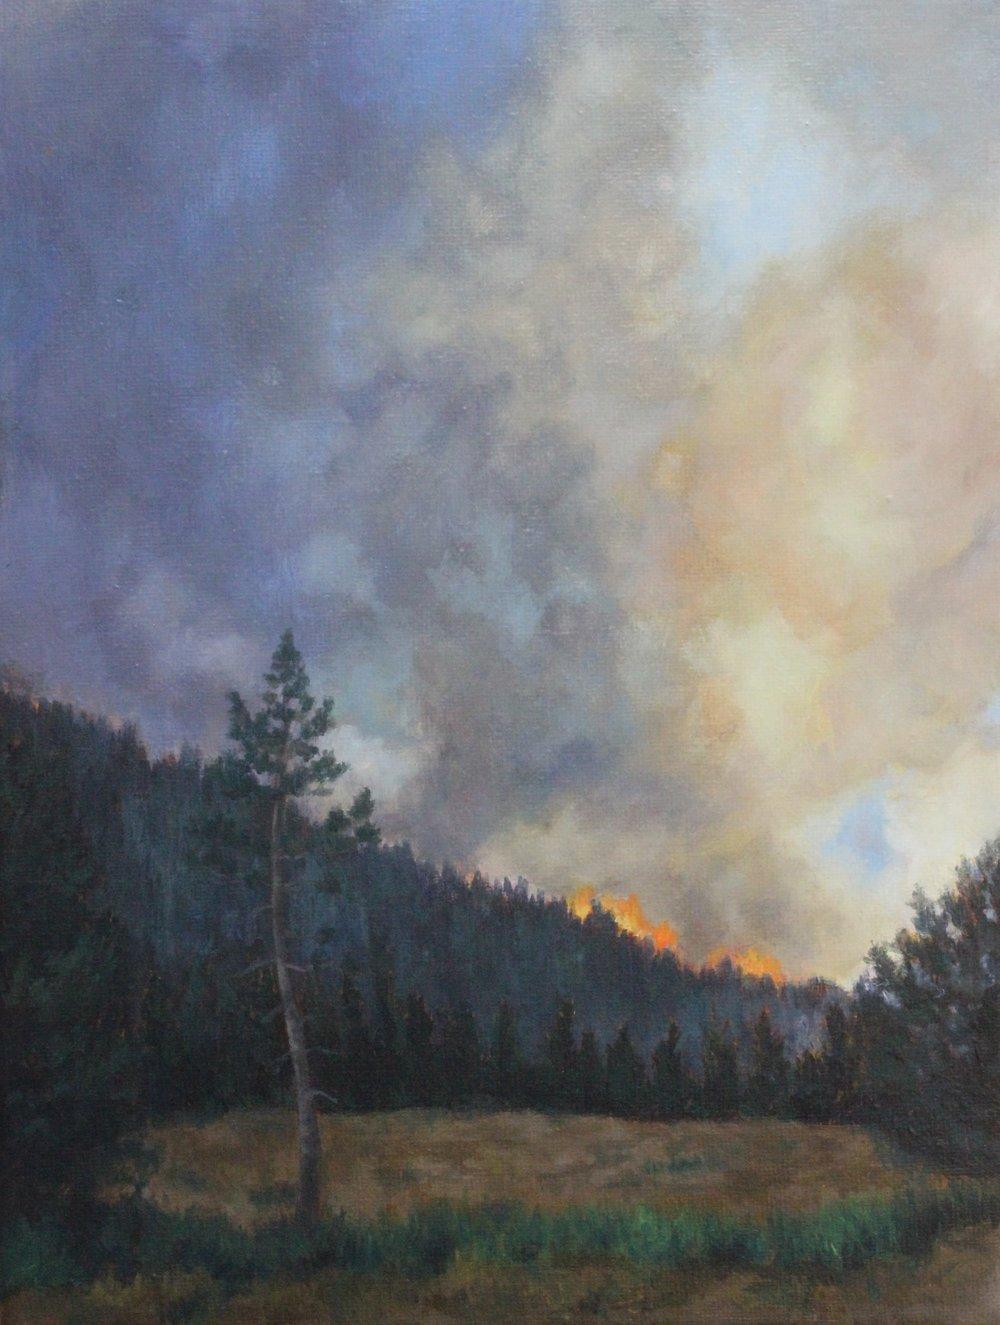 Hillside Flames 2013 9x12''.JPG